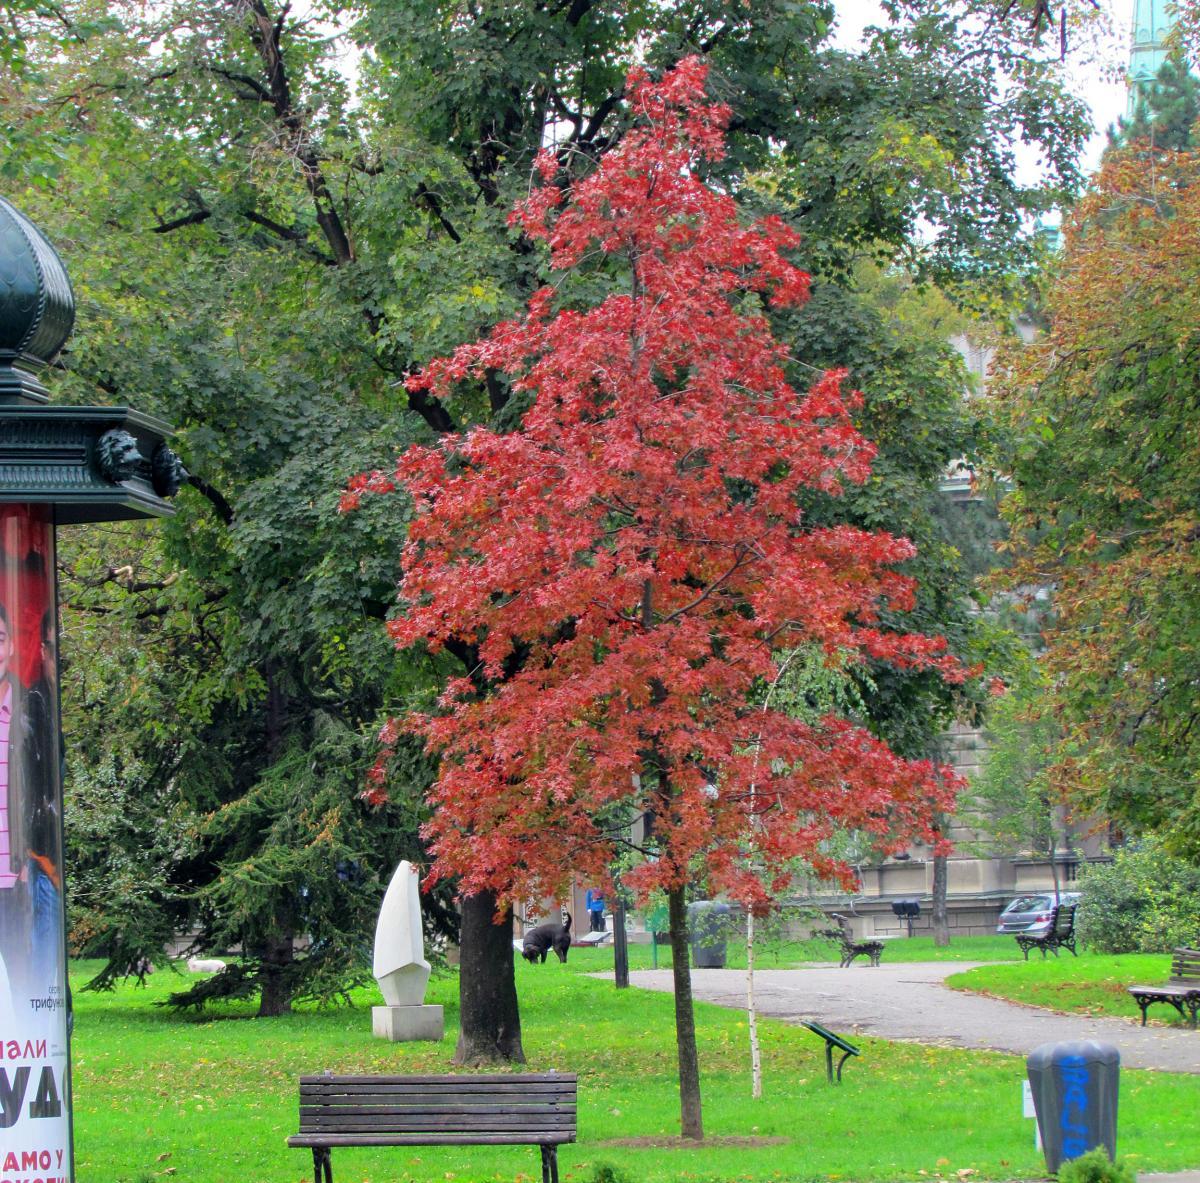 El roble de los pantanos se vuelve rojo en otoño